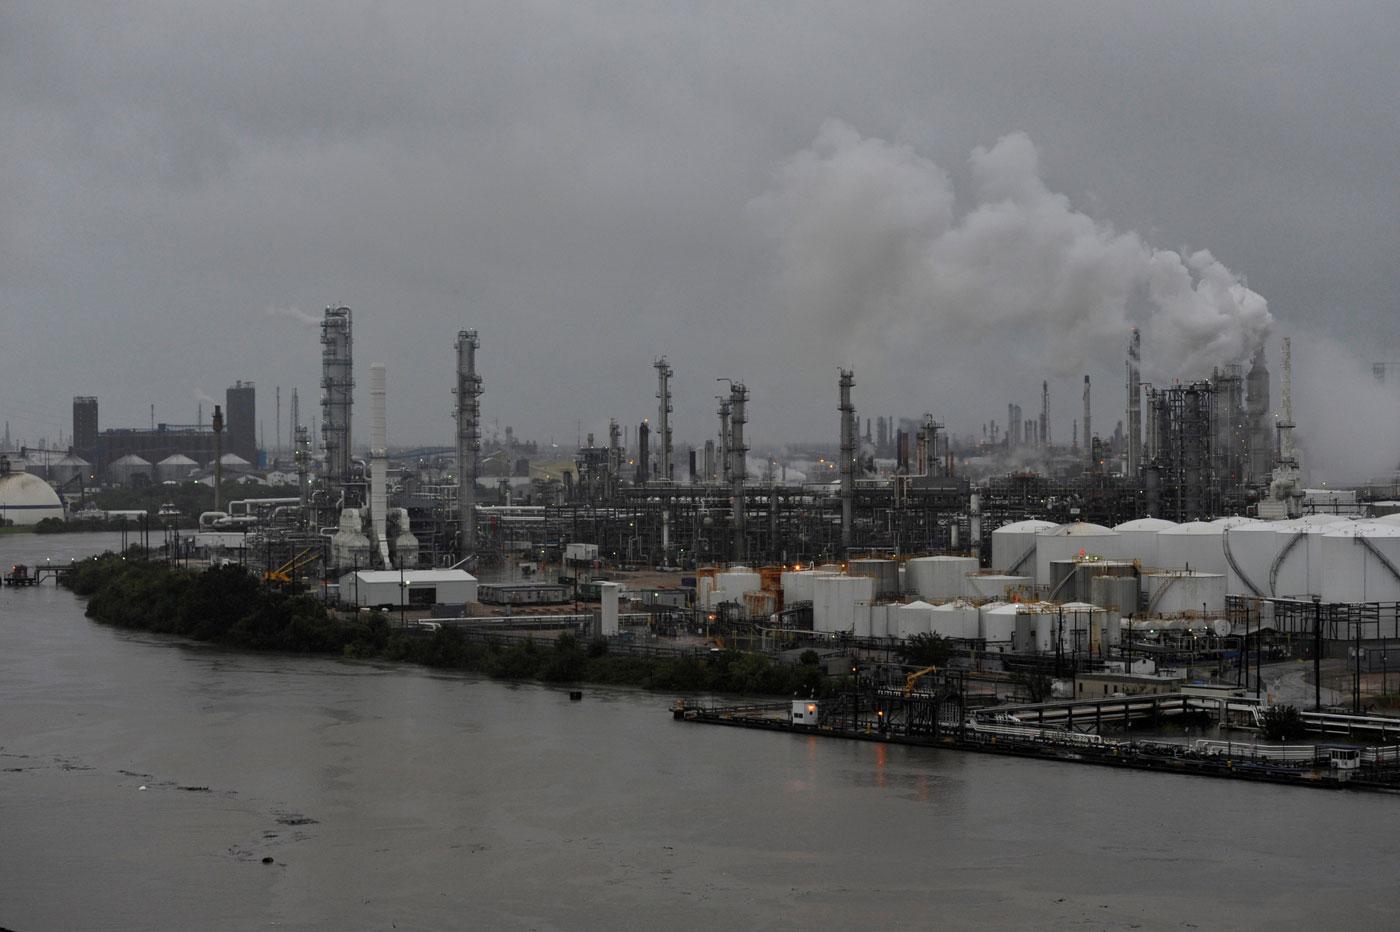 Imagen de archivo de la refinería de petróleo Valero Houston durante una crecida de las aguas del pantano Buffalo tras el paso del huracán Harvey en Houston, EEUU, ago 27, 2017. REUTERS/Nick Oxford